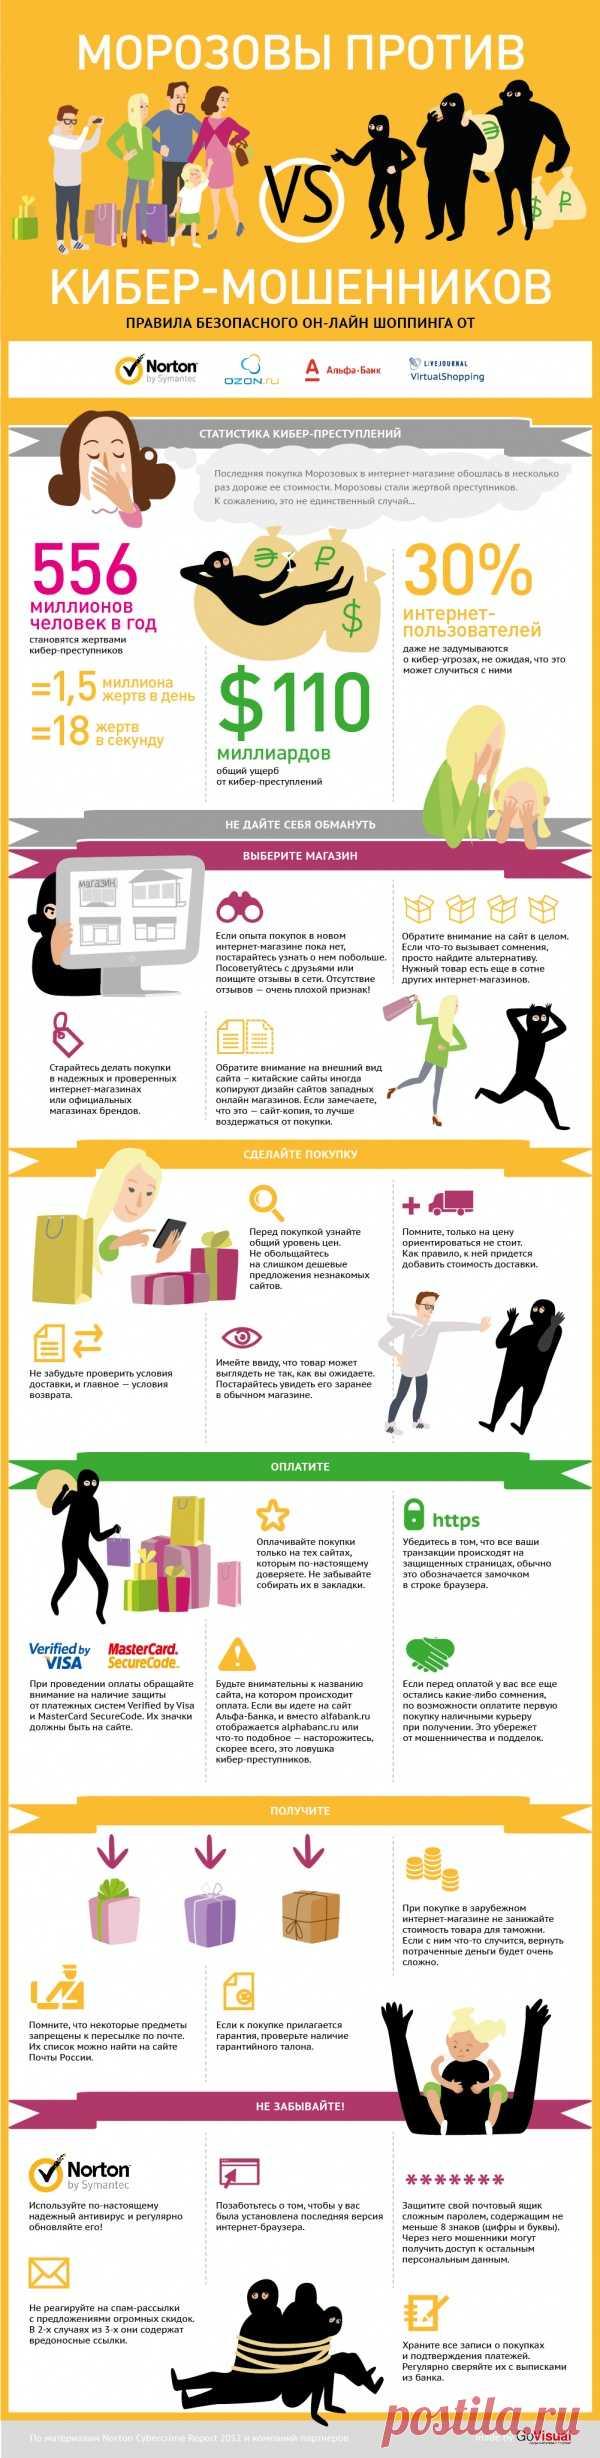 Las reglas de la seguridad de las compras en el Internet